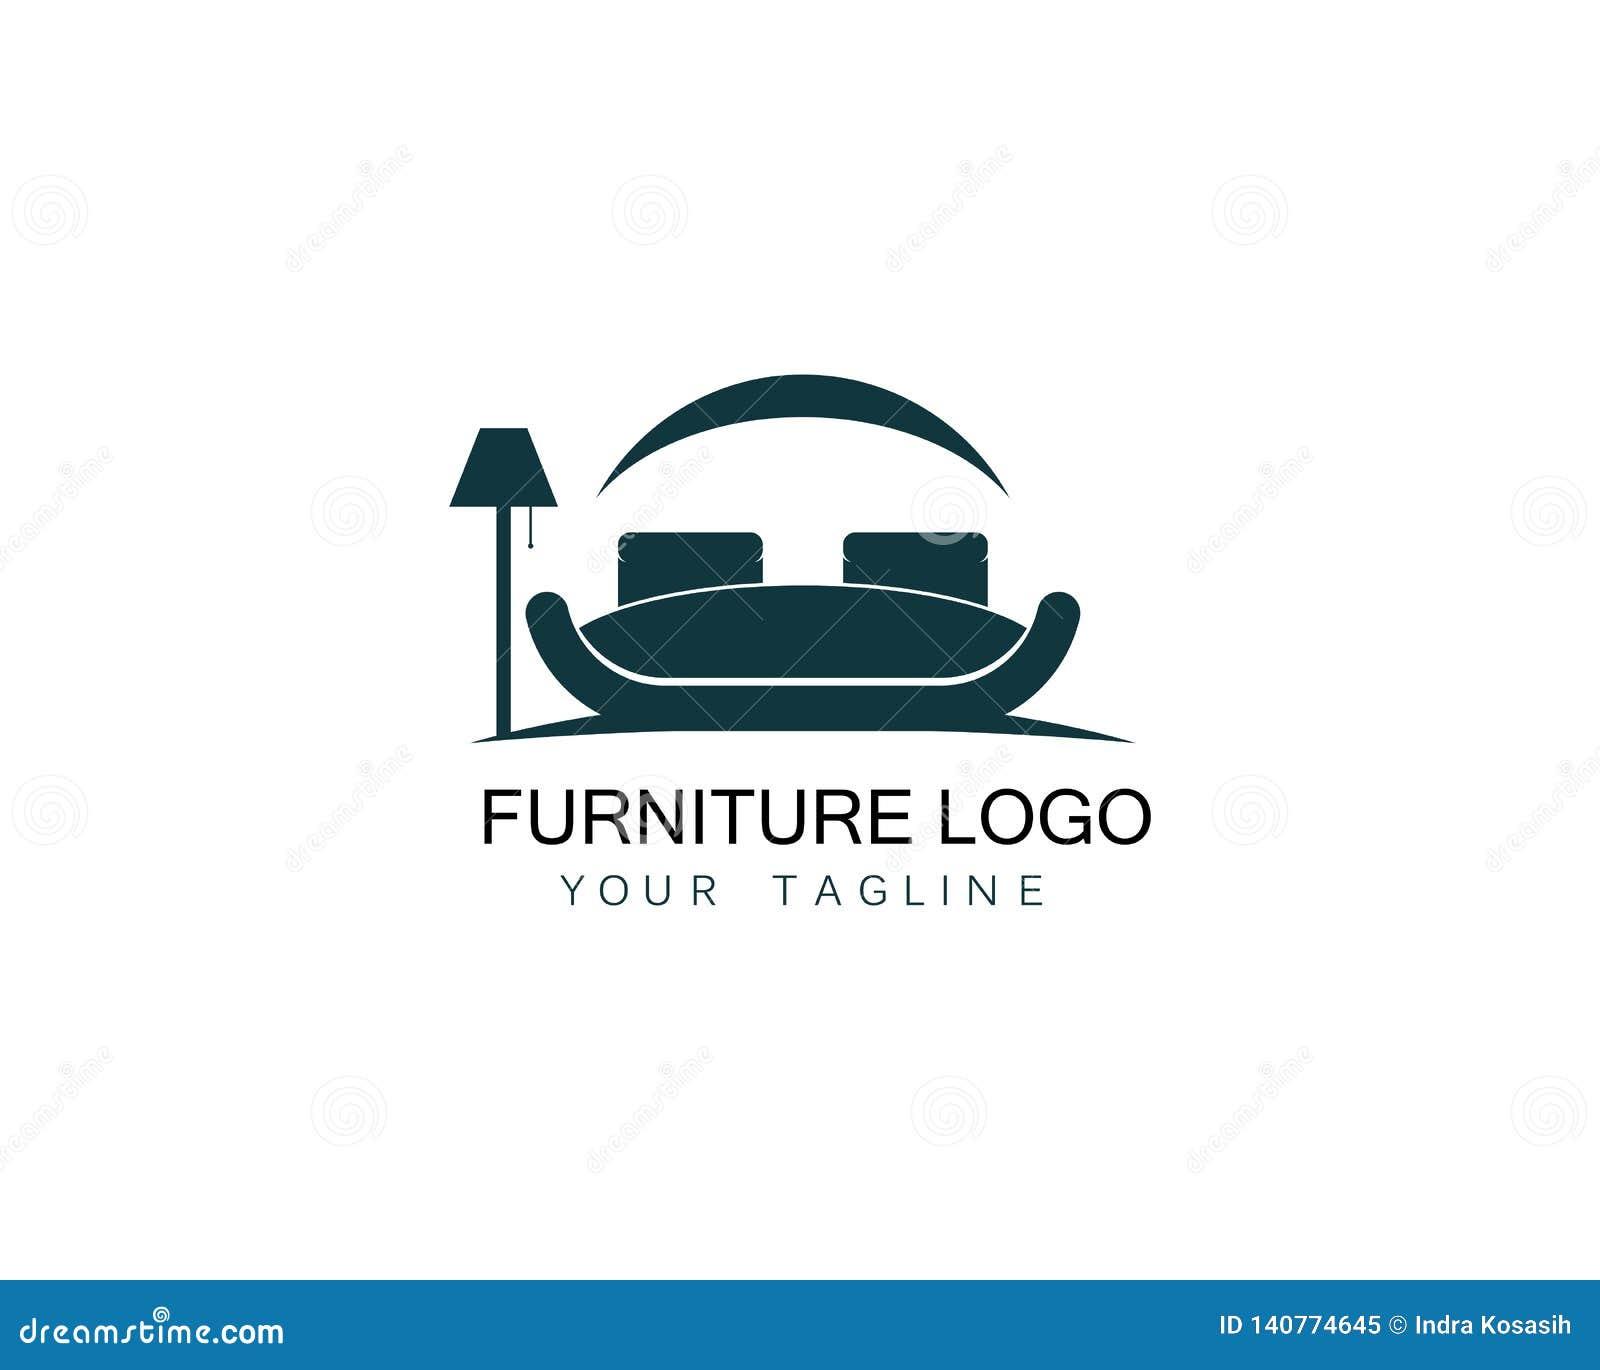 Furniture Sofa Logo Design Icon Template. Home Decor ...